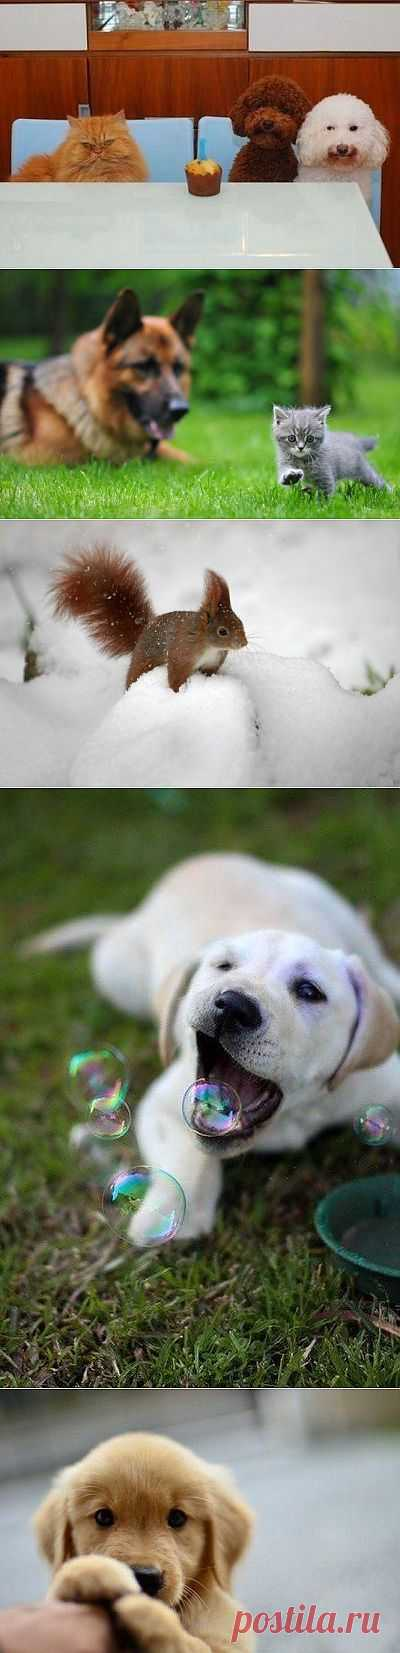 Забавные животные. Супер!   Всё самое лучшее из интернета